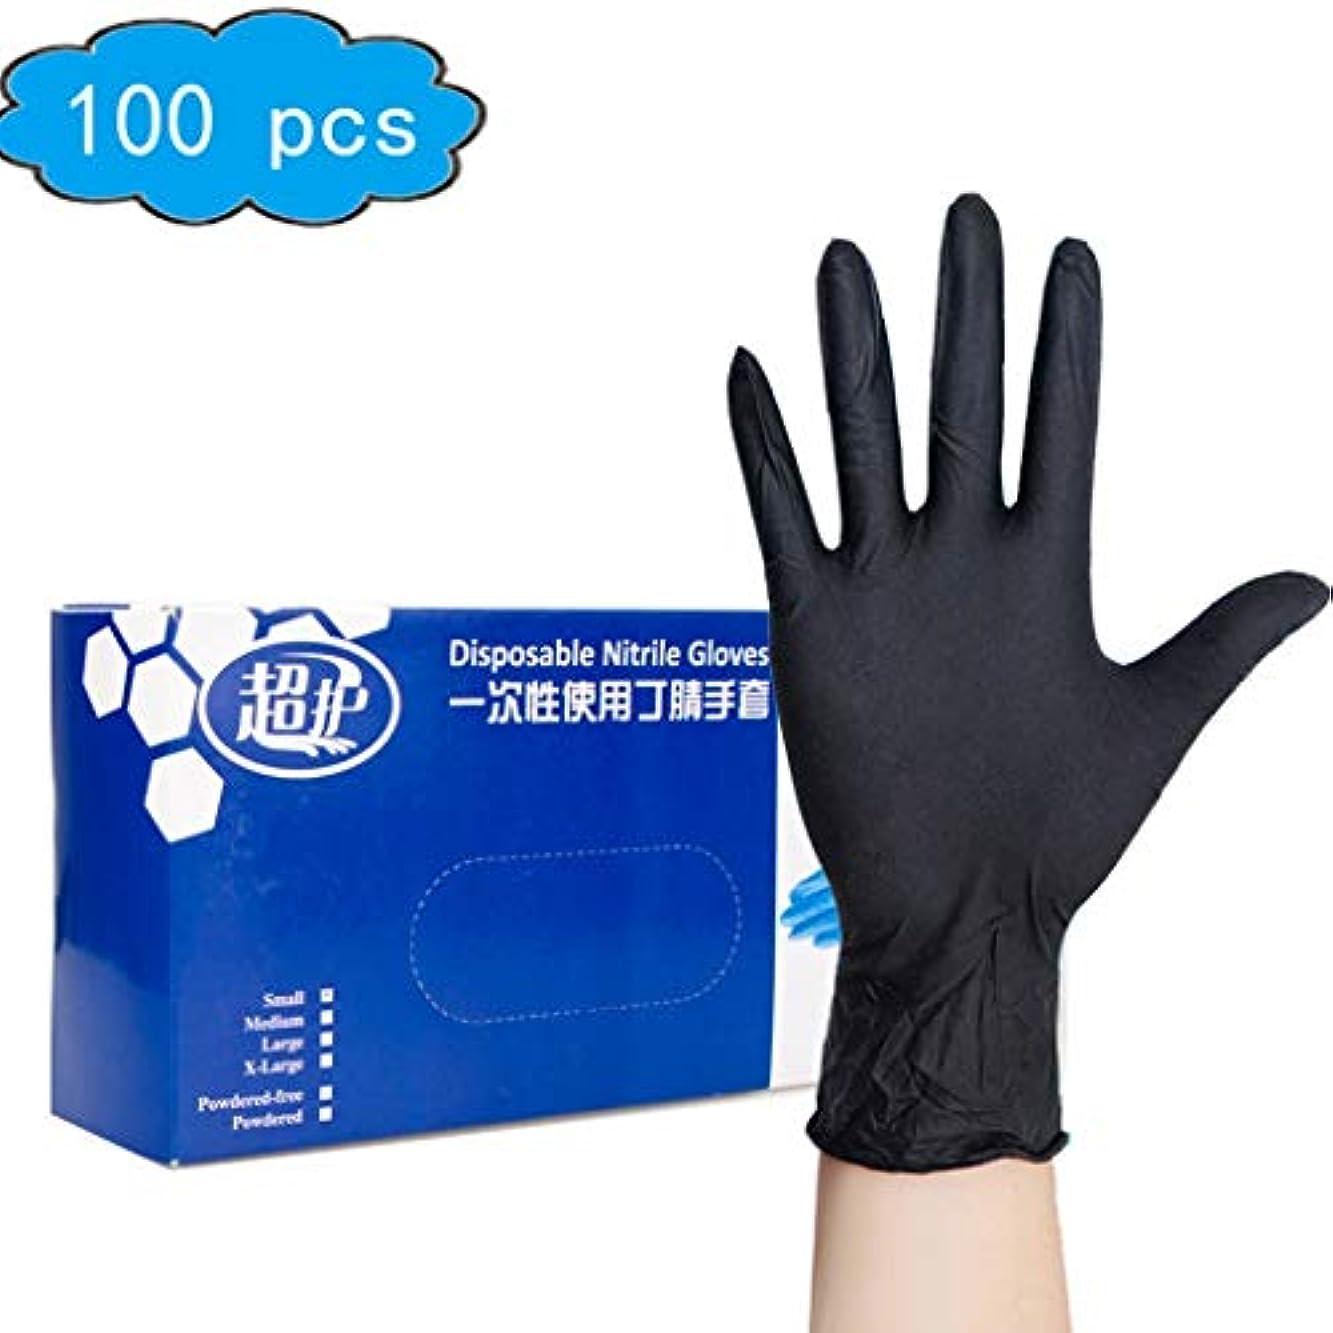 まだ処理するシーフード使い捨てニトリルエクストラストロング手袋、パウダーフリー、工業用手袋、100 PCS (Color : Black, Size : M)